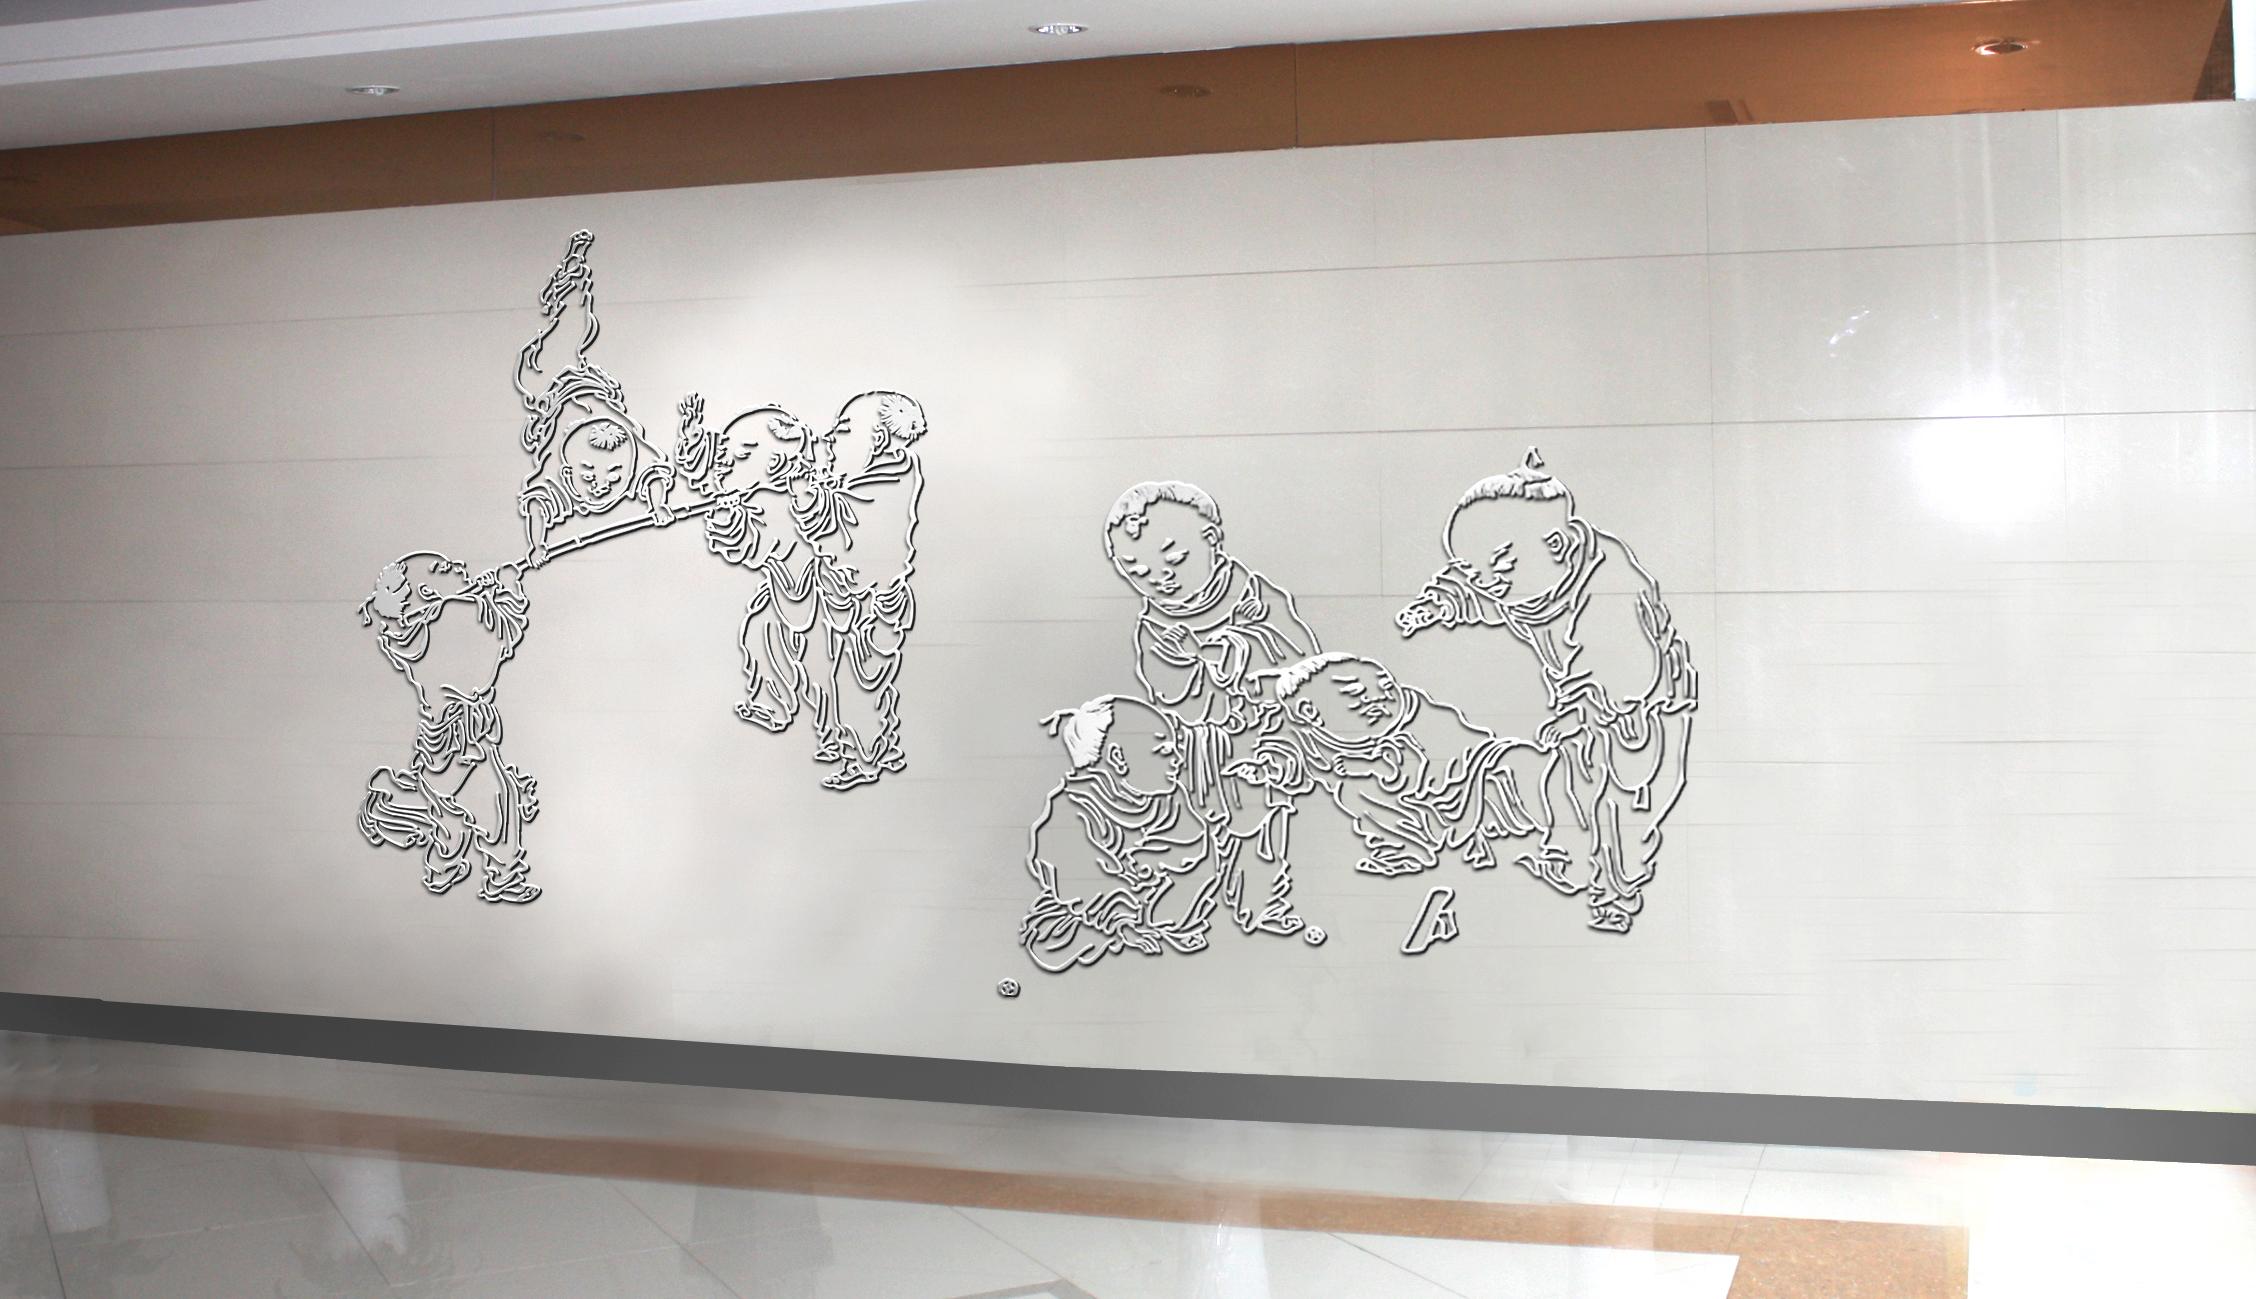 閔行君蓮學校文化建設